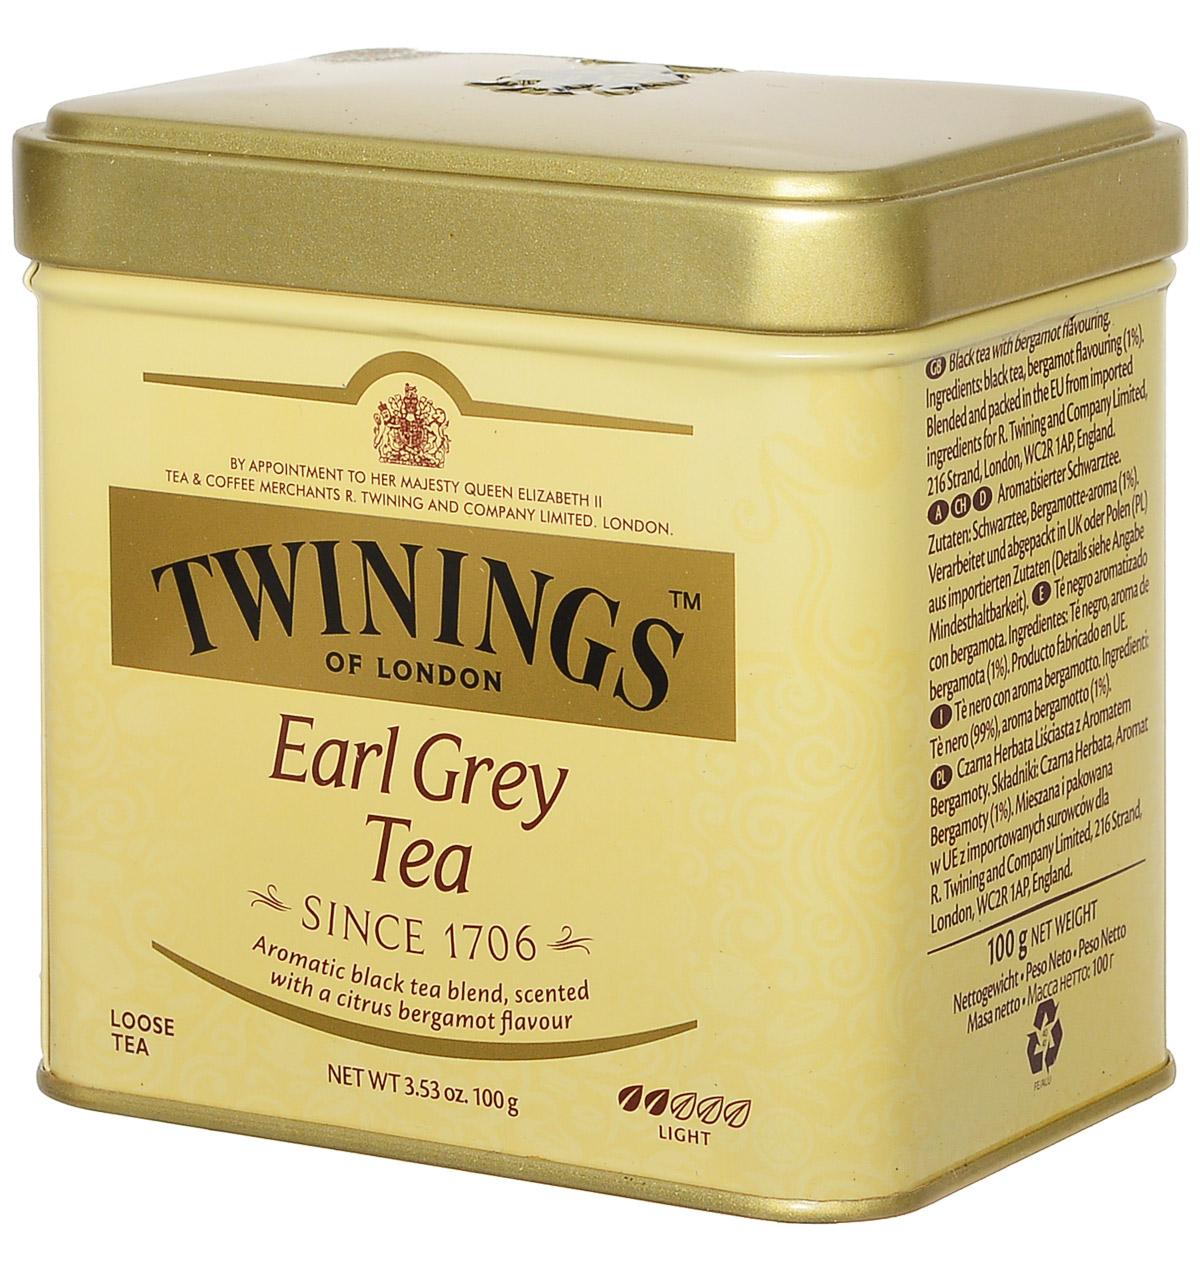 Twinings Earl Grey Tea черный ароматизированный листовой чай, 100 г (ж/б)101246Названный в честь британского премьер-министра второго Графа Грея, Twinings Earl Grey Tea является неотъемлемой частью традиционного английского чаепития. Насыщенный черный чай, ароматизированный натуральным маслом из кожуры бергамота, дает яркий настой со сладким ароматом и цитрусовым привкусом.